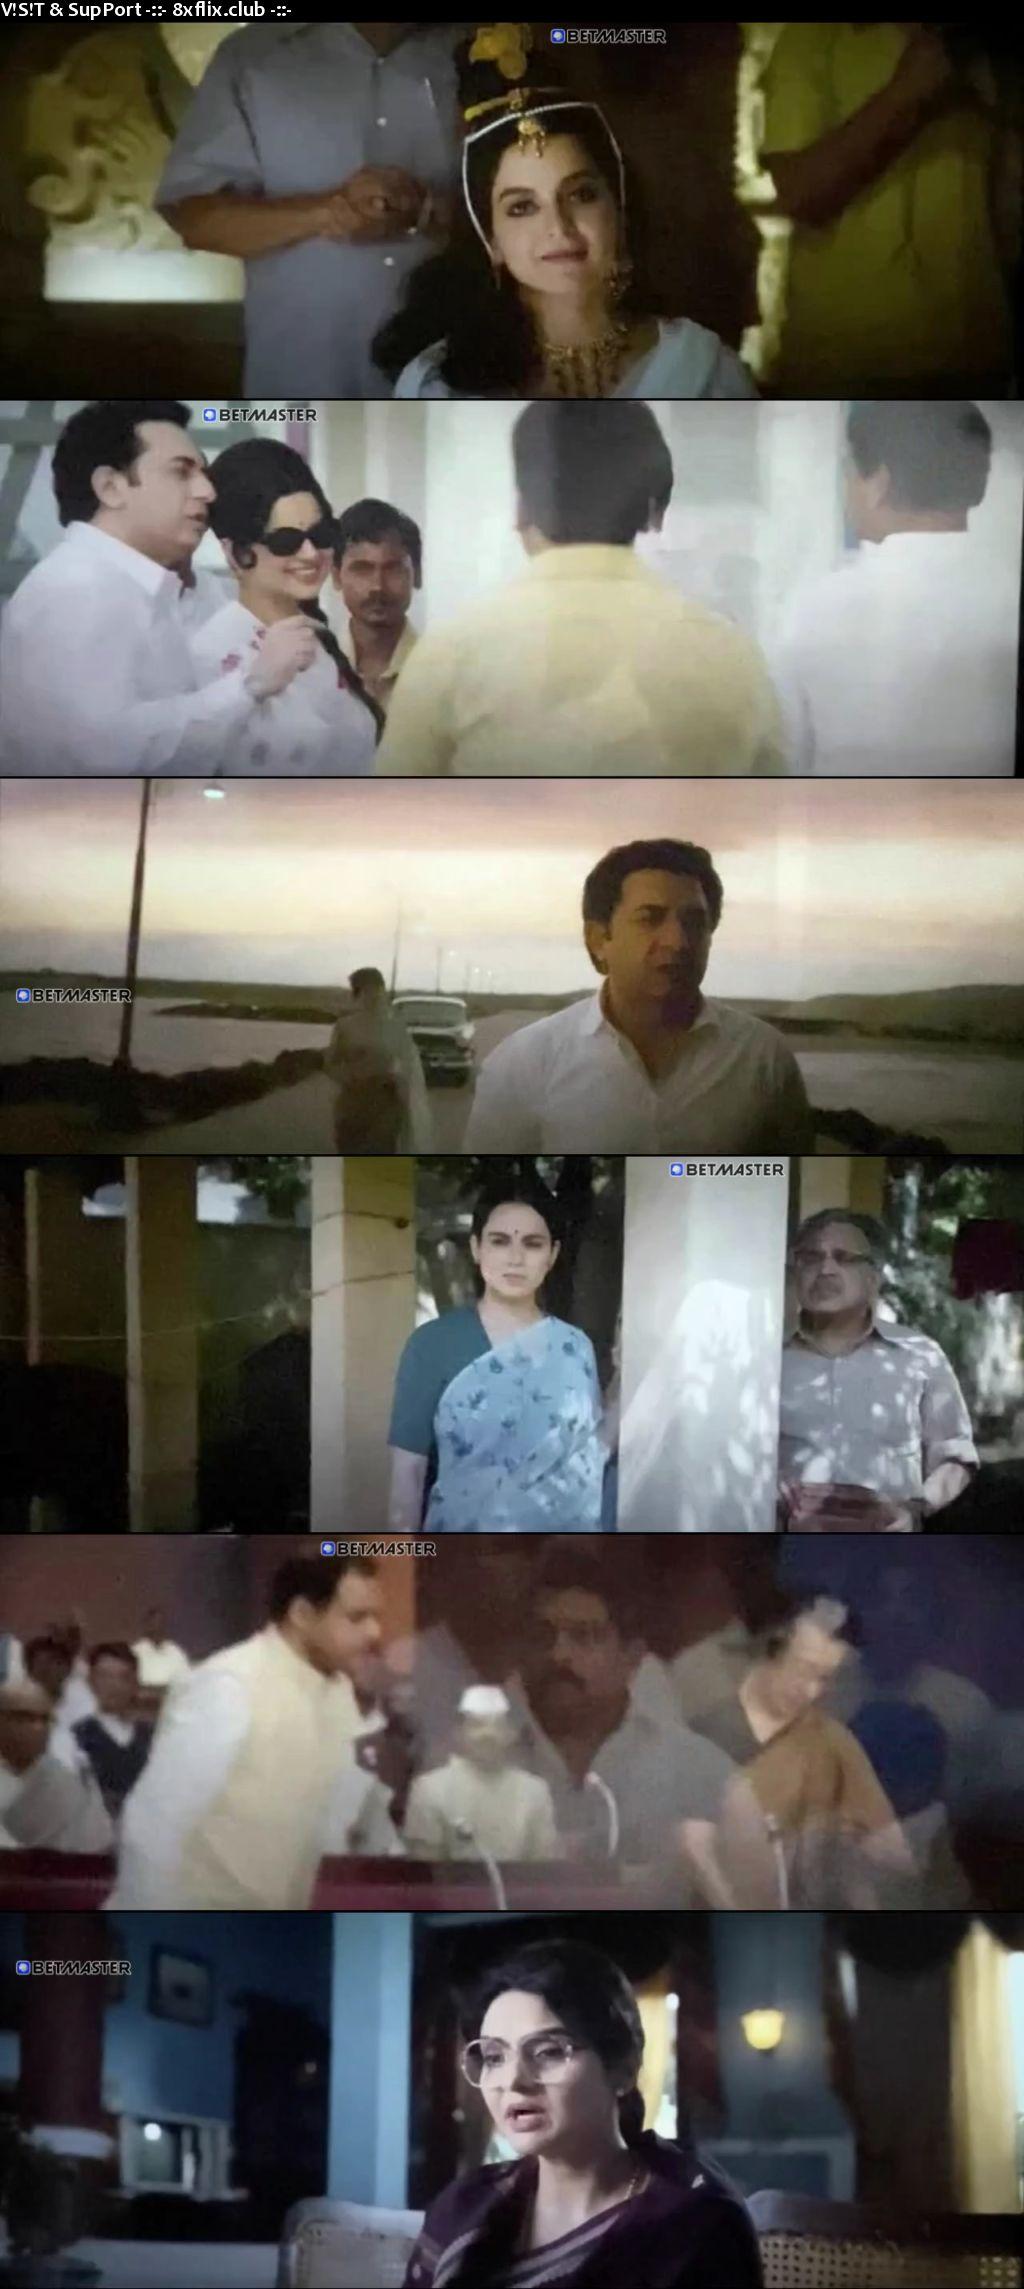 Thalaivi 2021 Full Hindi Movie Download 720p 480p HD